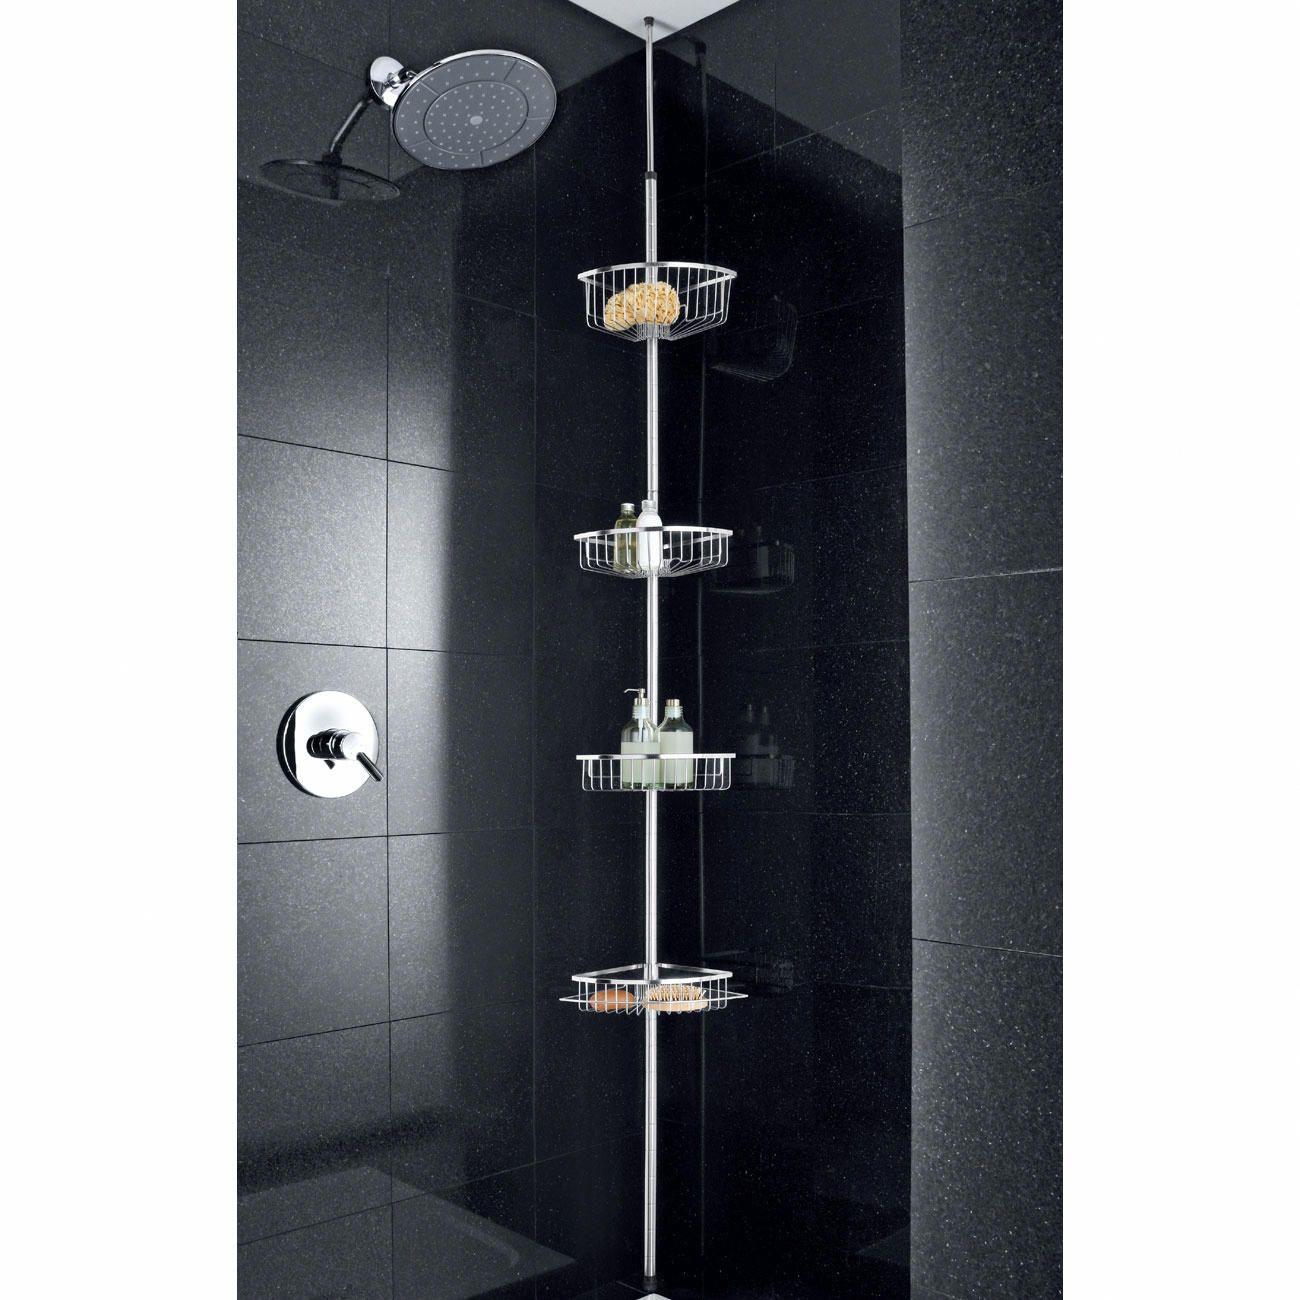 simple tagre de douche rglable sinstalle sans perage ni ventouses hauteur rglable entre et cm en. Black Bedroom Furniture Sets. Home Design Ideas